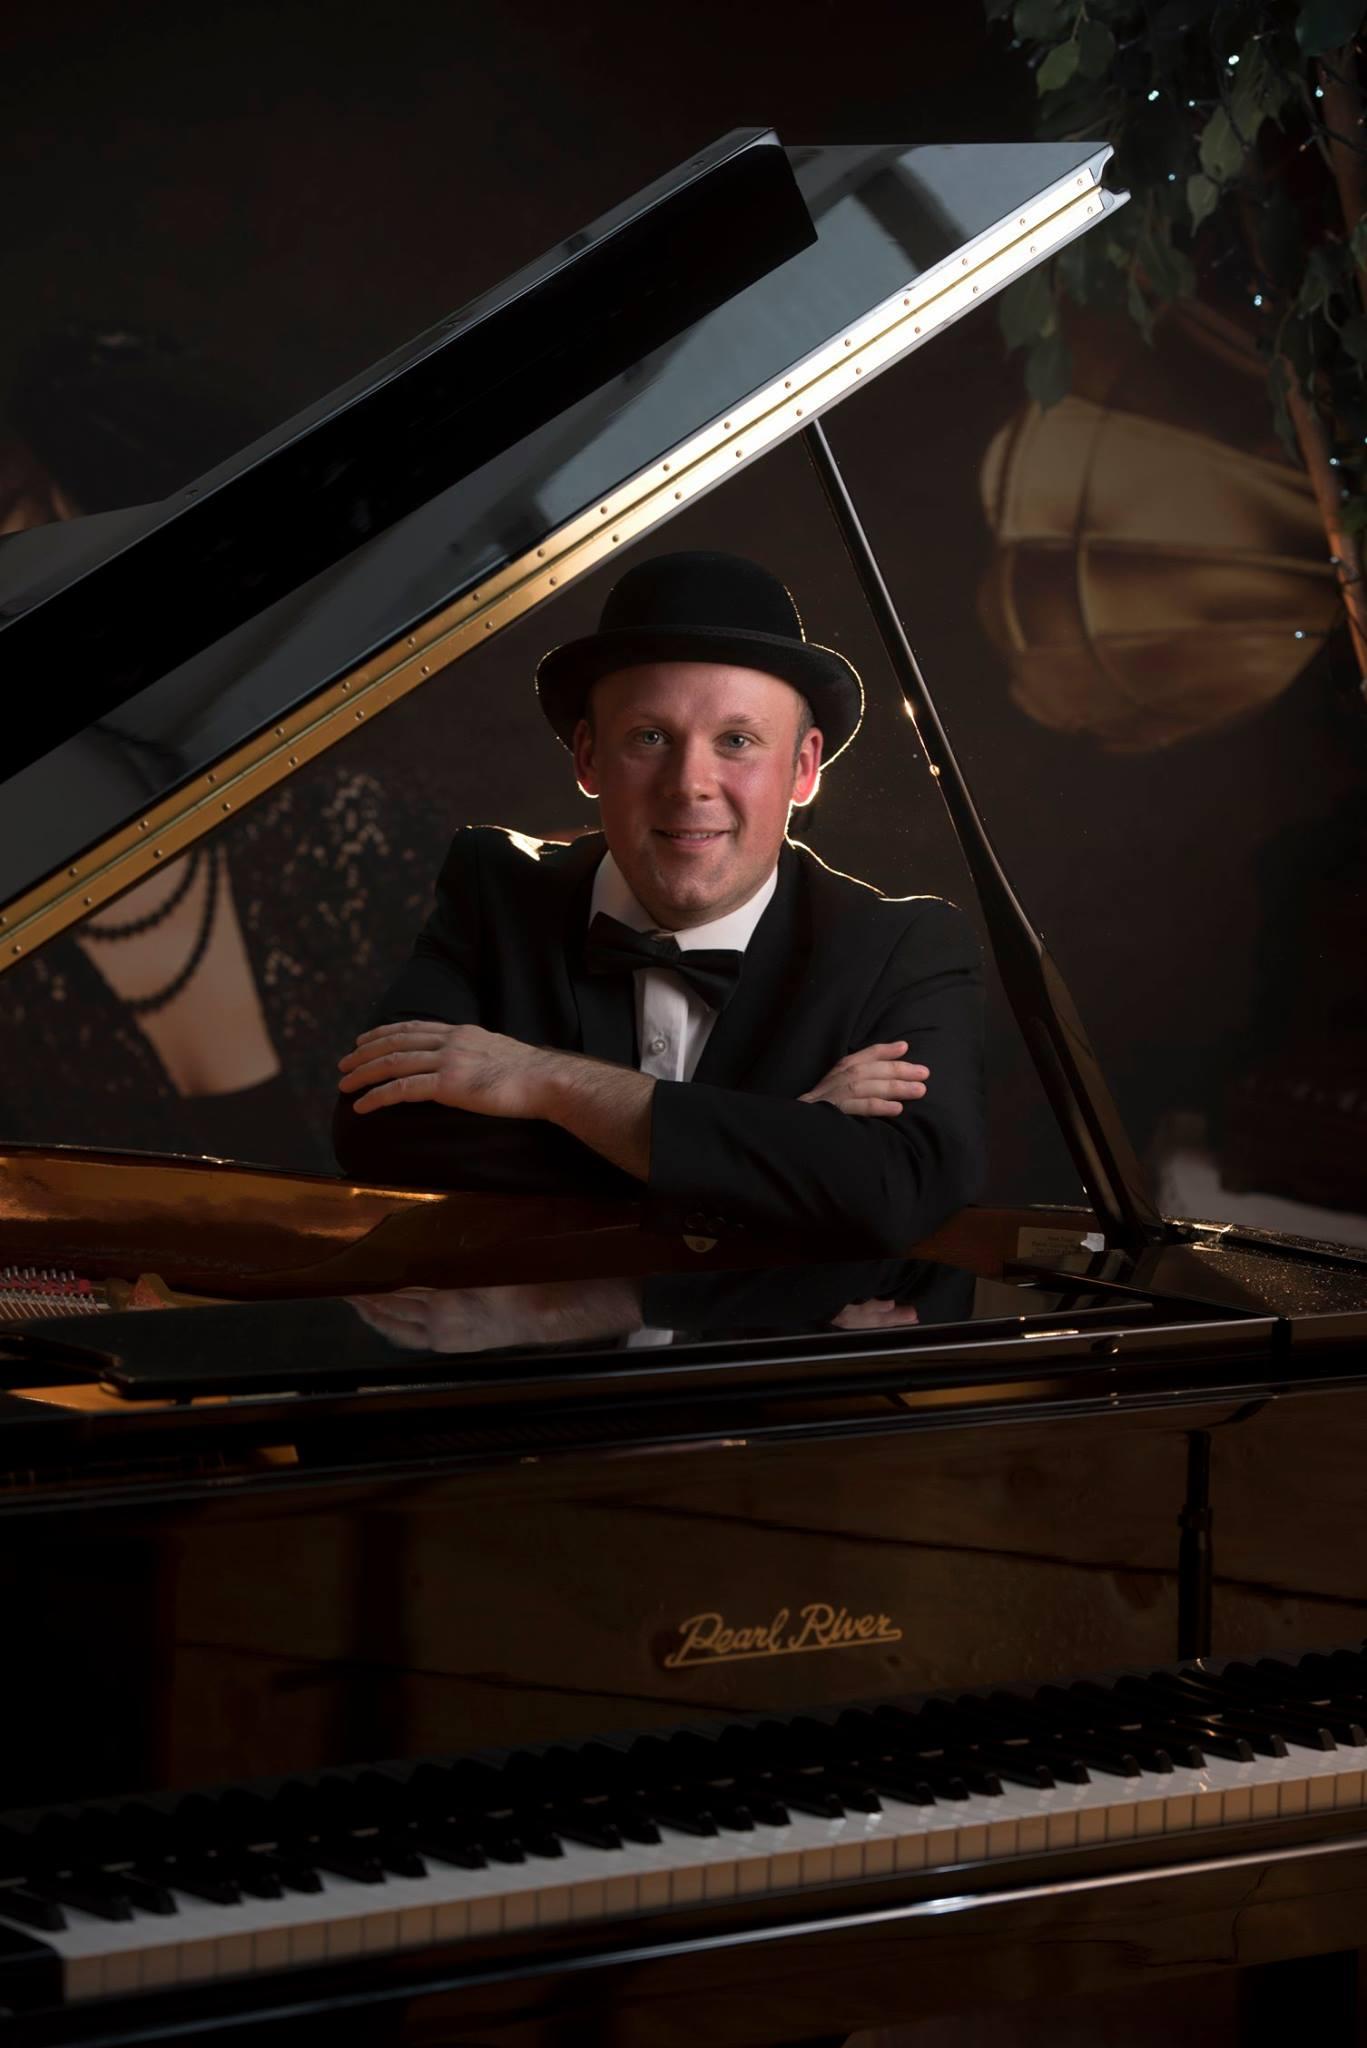 Pianist Warwickshire, Ref: 2579